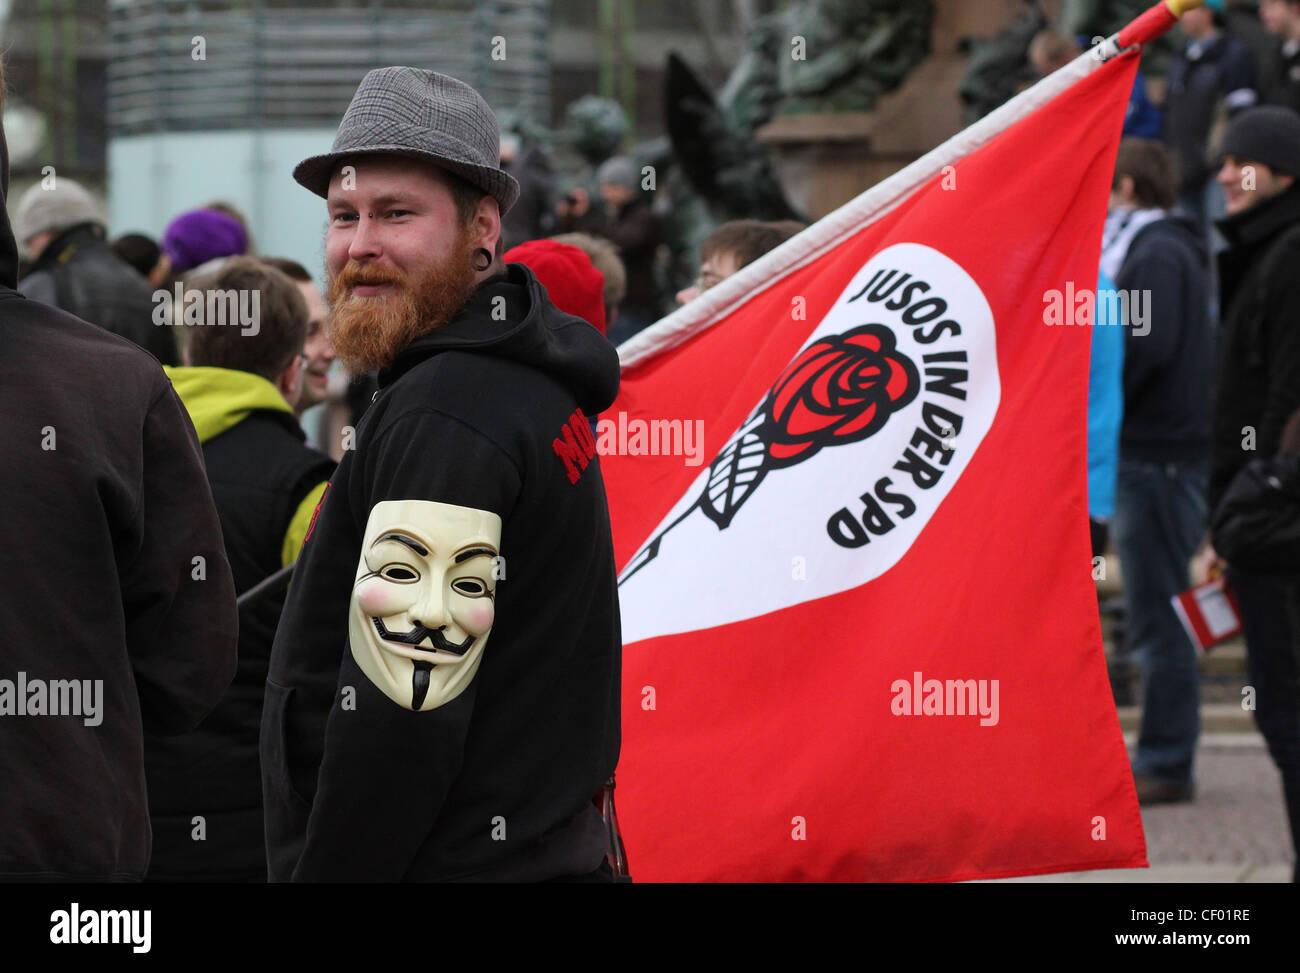 Mitglied der deutschen Jugendorganisation (Juso) in der SPD, hält eine Fahne während einer Kundgebung Stockbild